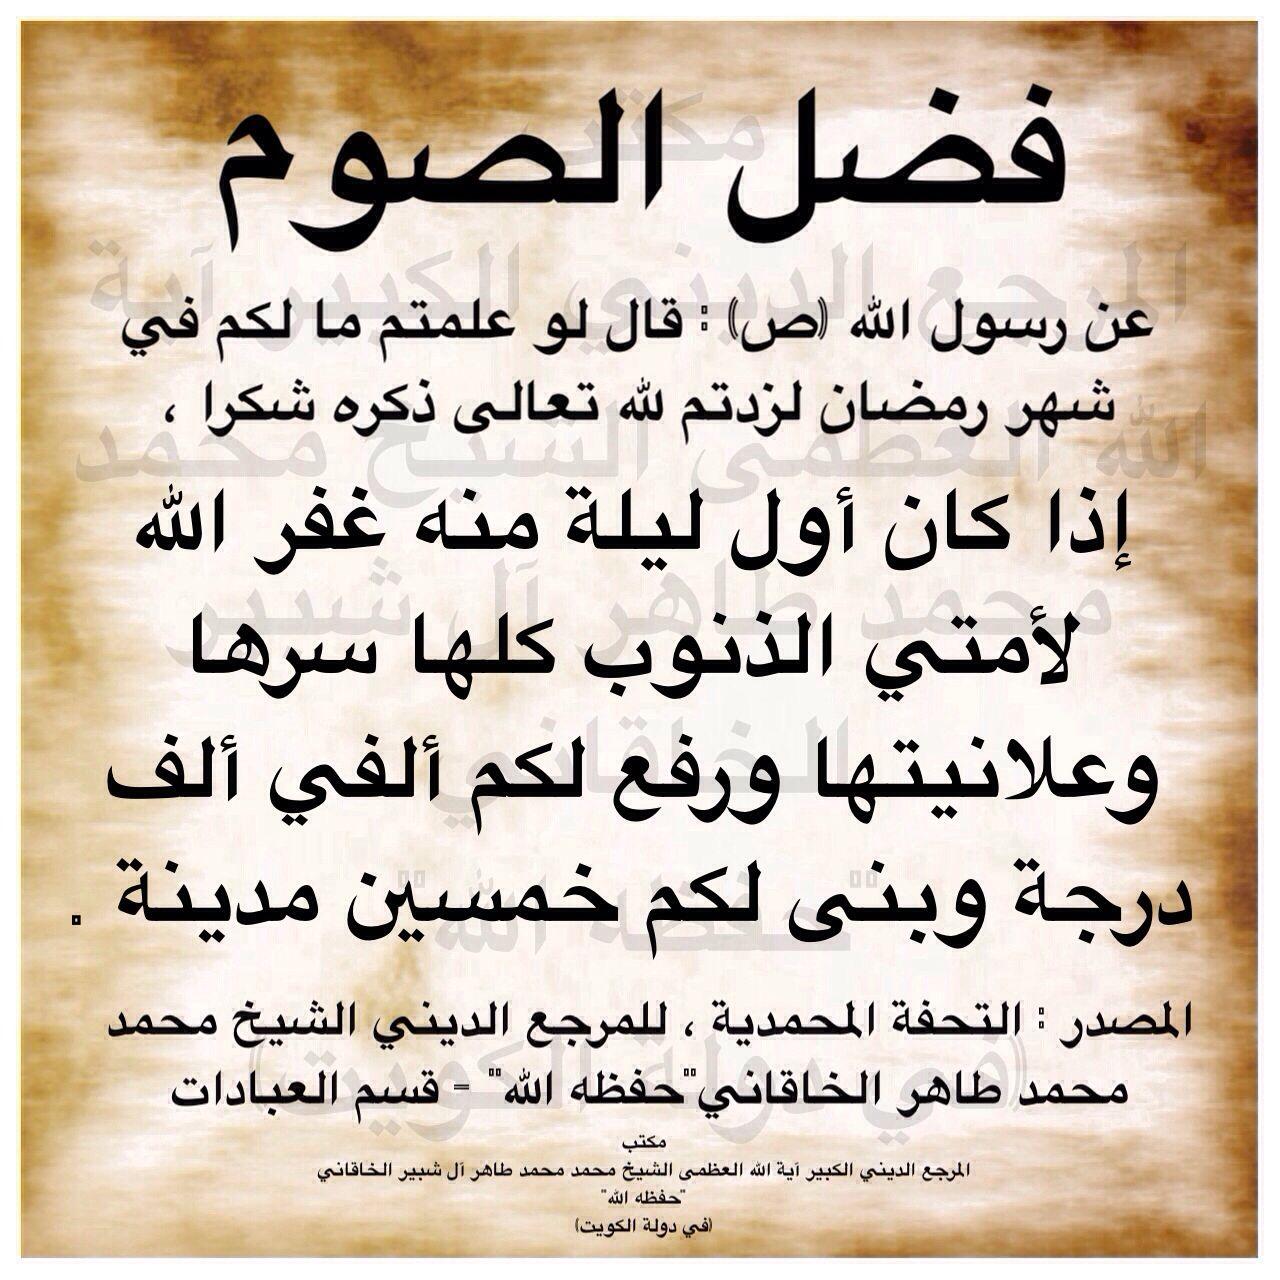 فضل الصوم عن رسول الله ص قال لو علمتم ما لكم في شهر رمضان لزدتم لله تعالى ذكره شكرا إذا كان أول ليلة منه غفر الل Math Math Equations Arabic Calligraphy